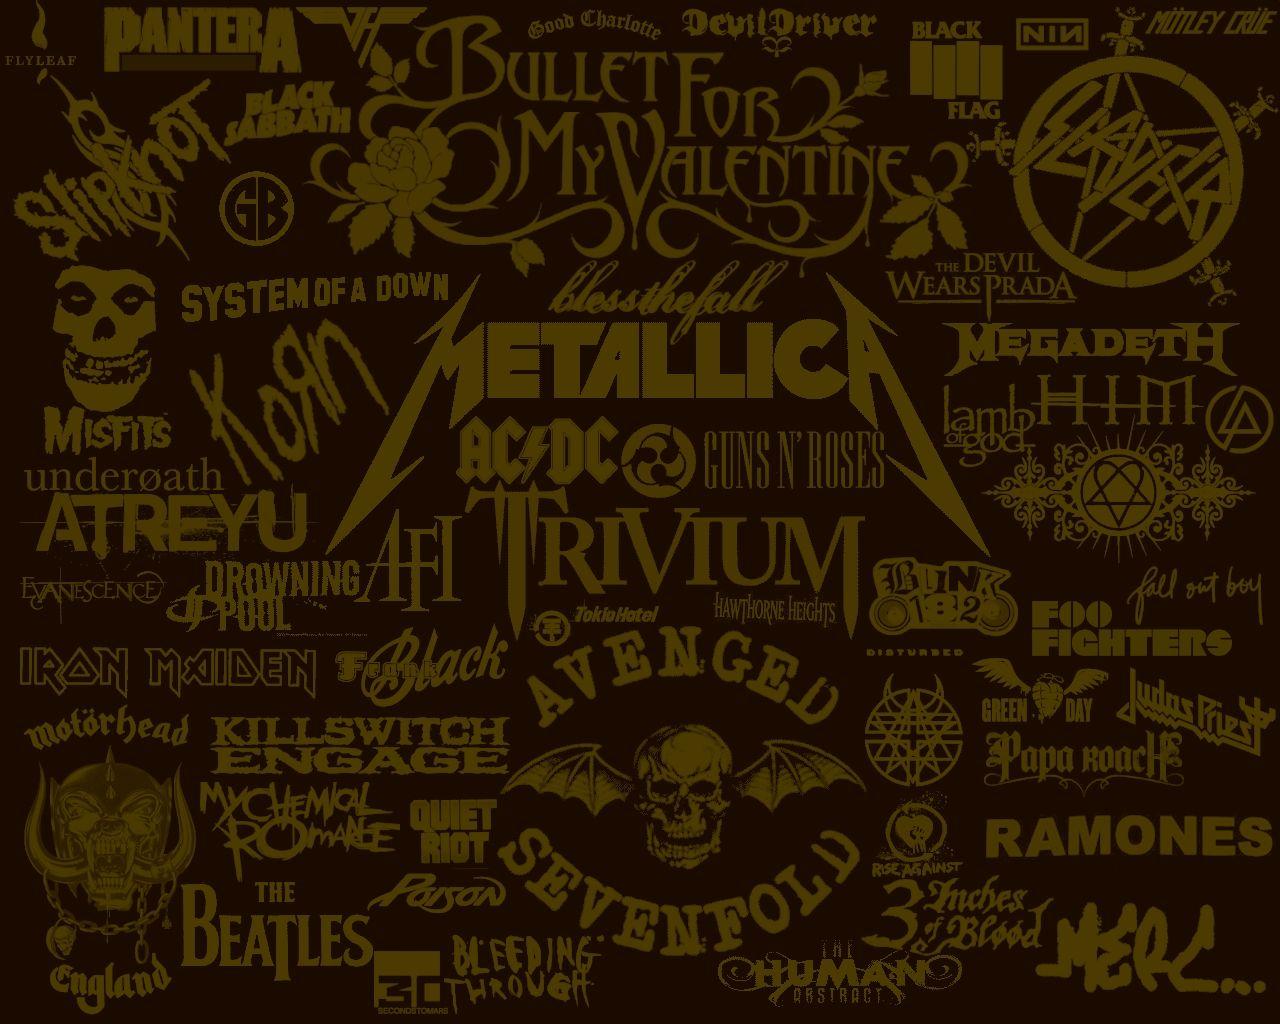 Papel de parede bandas de rock 2 wallpaper para download for Bandas protectoras de paredes